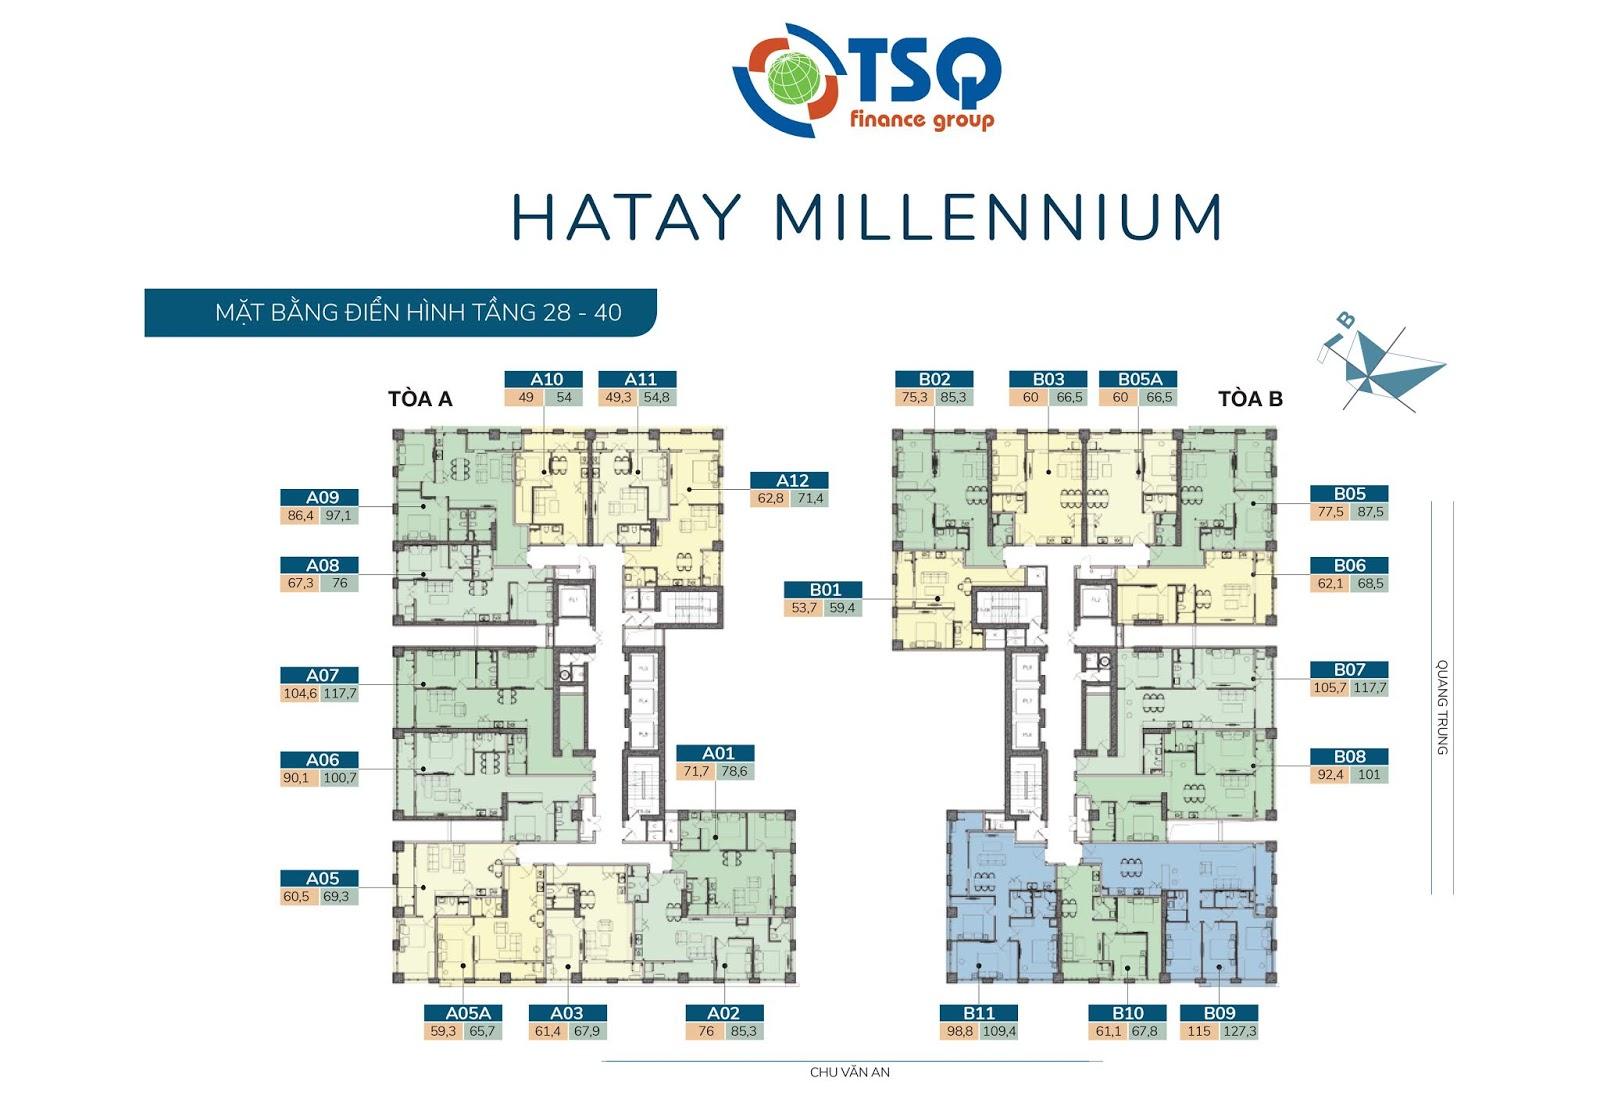 Mặt bằng thiết kế Hatay Millennium tầng 28-40